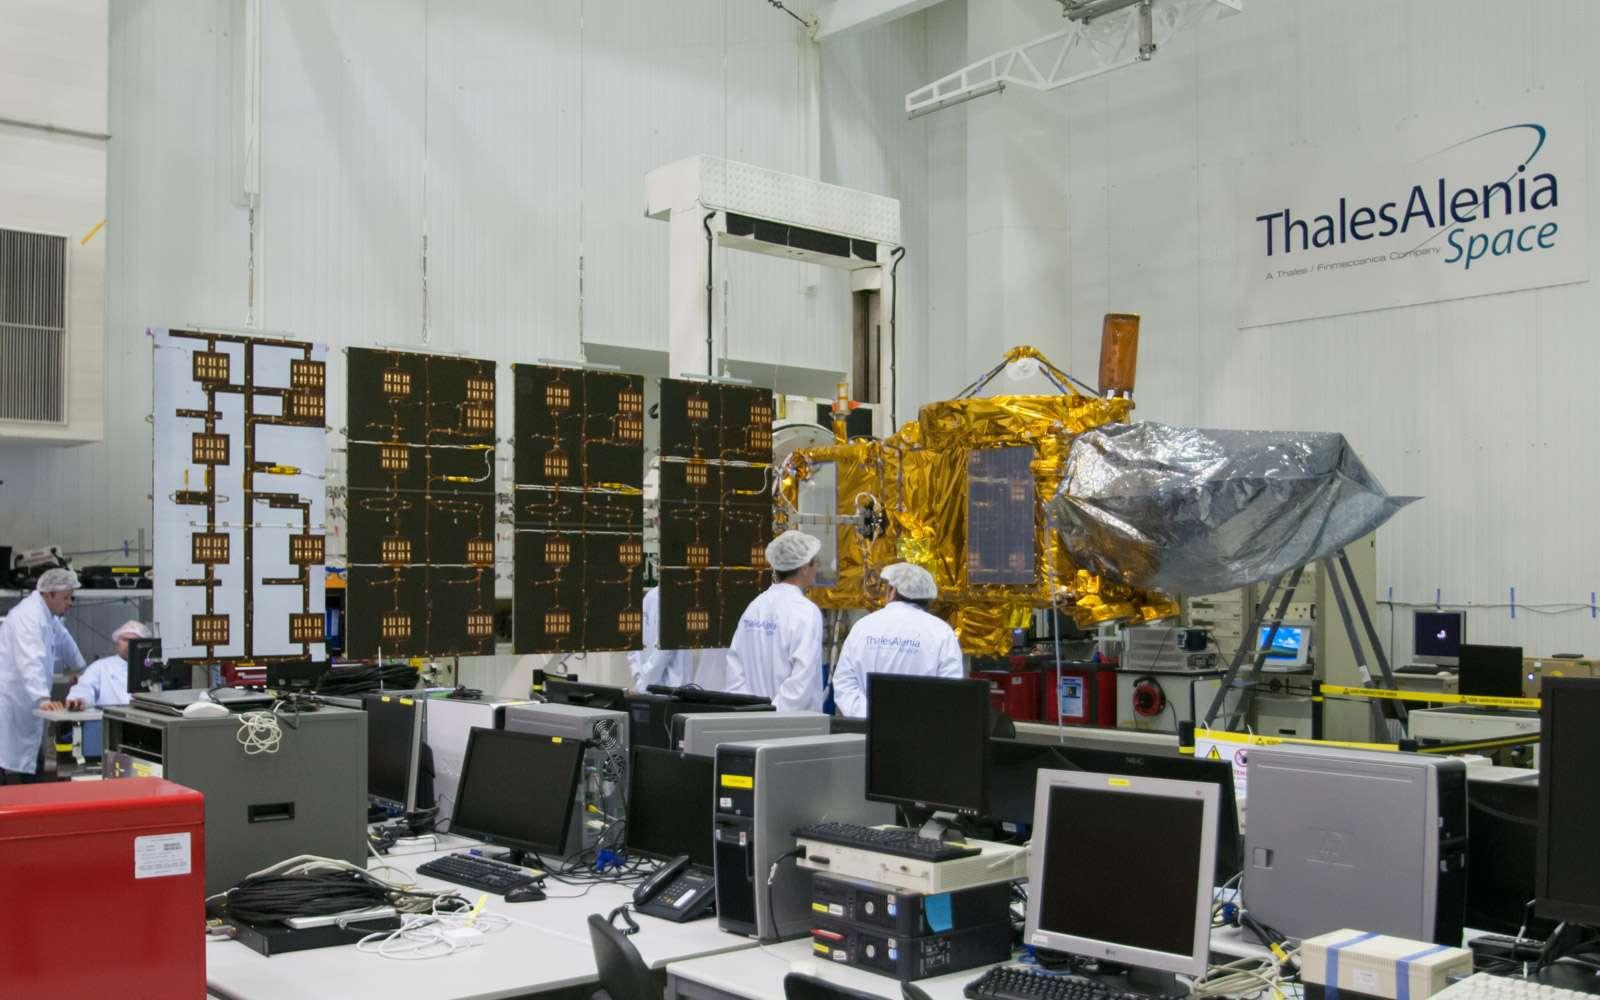 Le satellite Jason-3 lors de l'intégration de ses panneaux solaires, en avril 2014. Au-dessus de l'engin, on distingue la parabole de L'altimètre Poseidon-3B et le système Doris (la colonne orangée) d'orbitographie de précision. Le dispositif de localisation GPSP est protégé par une housse, à droite sur l'image. © Rémy Decourt